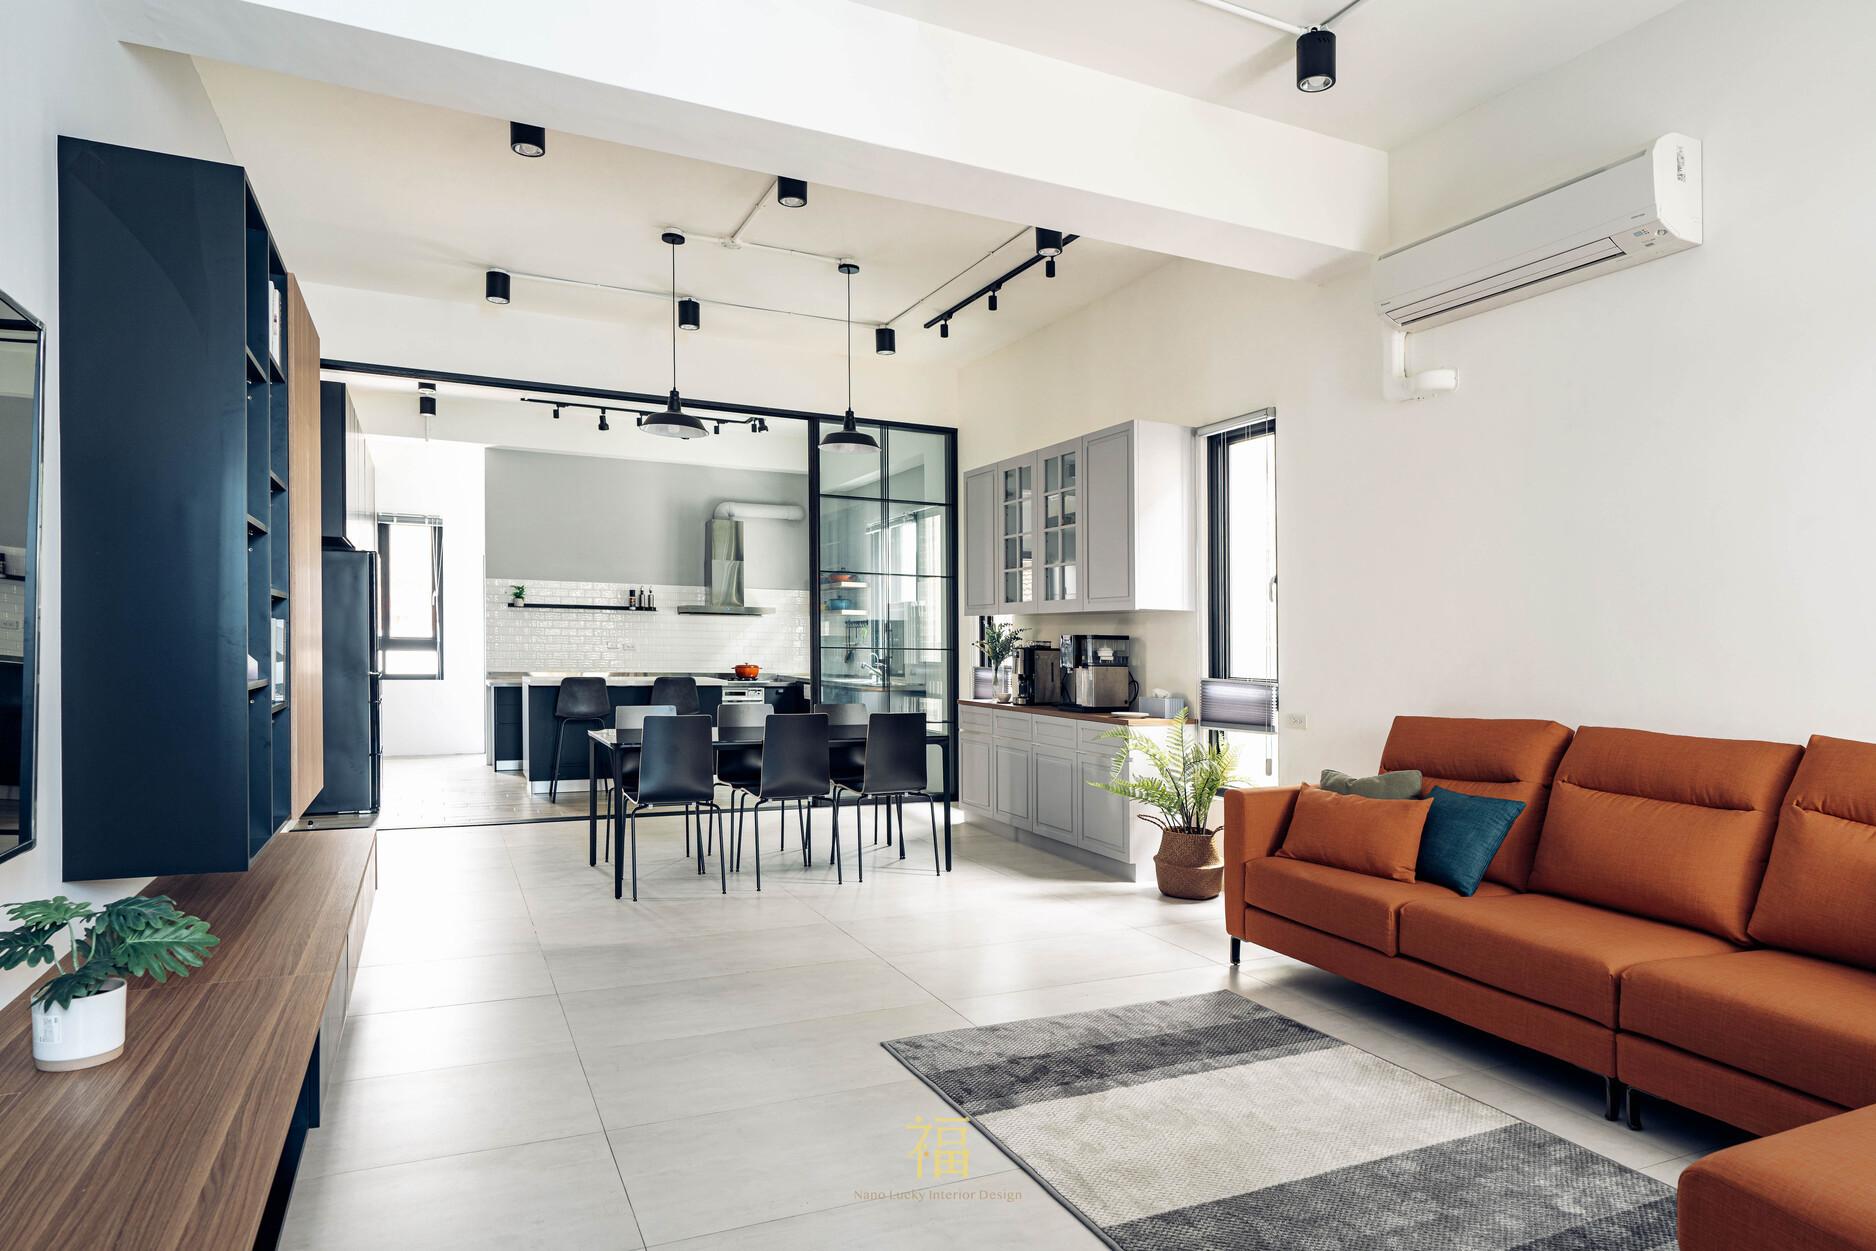 溪口盧宅|客廳餐廳廚房全景|嘉義住宅空間設計